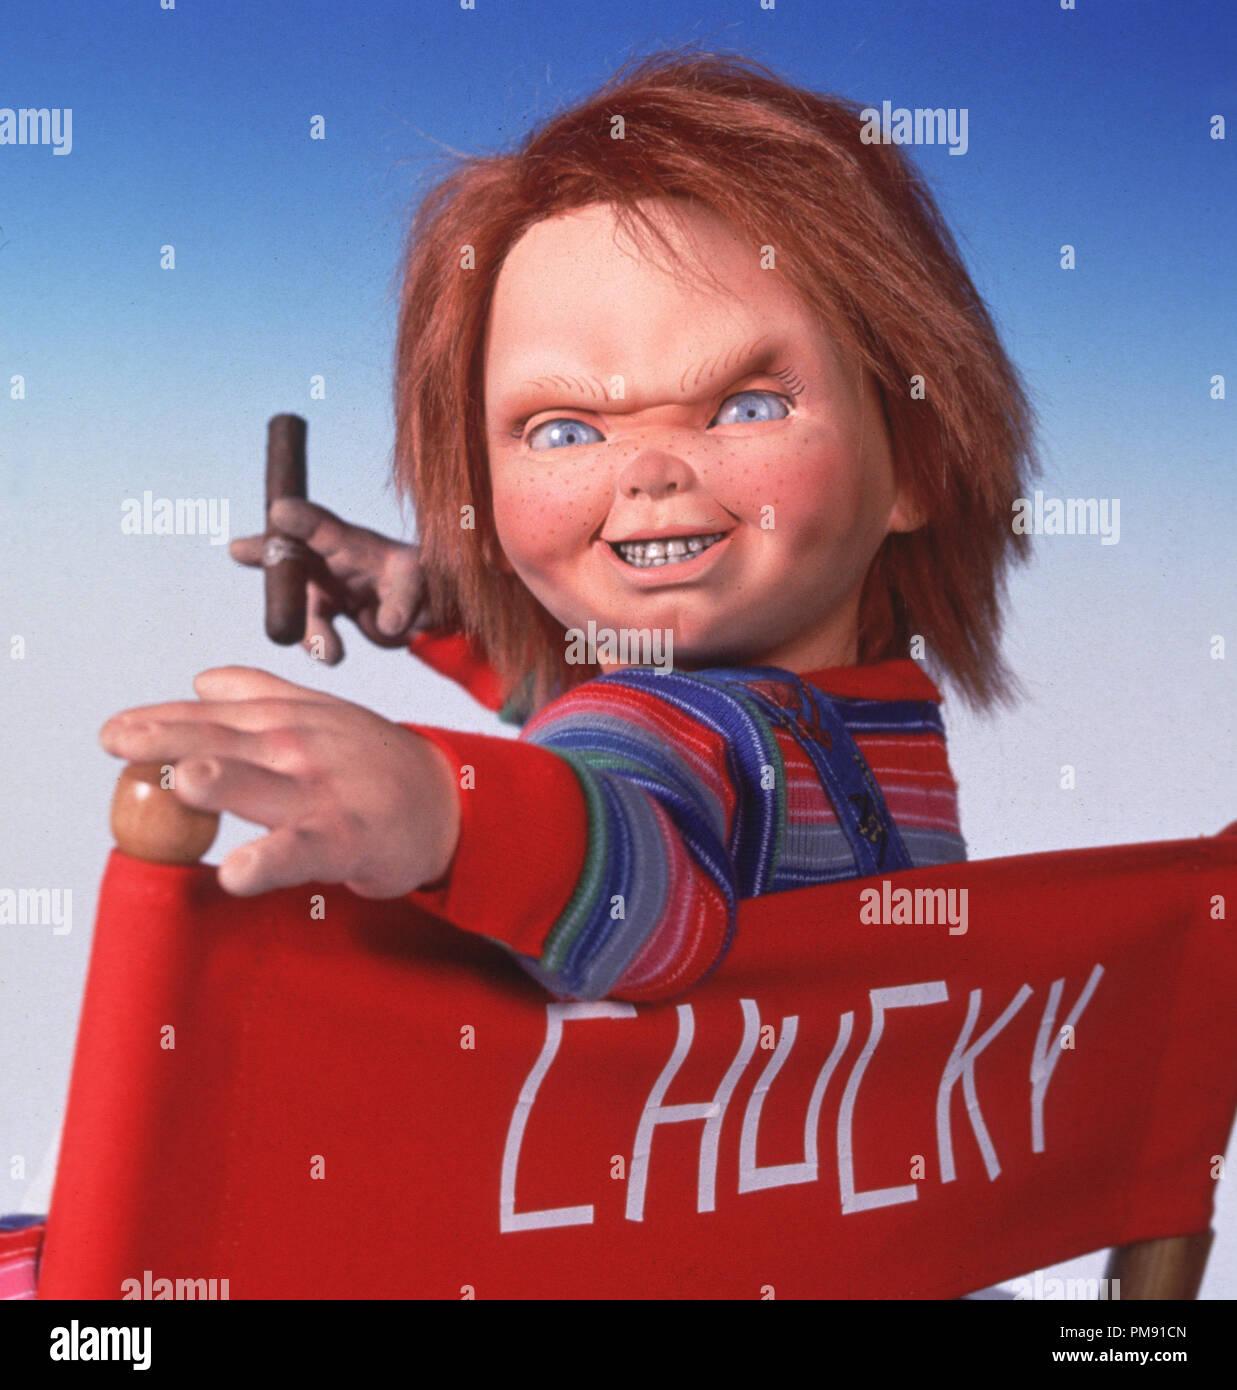 Chucky Doll Stock Photos Chucky Doll Stock Images Alamy